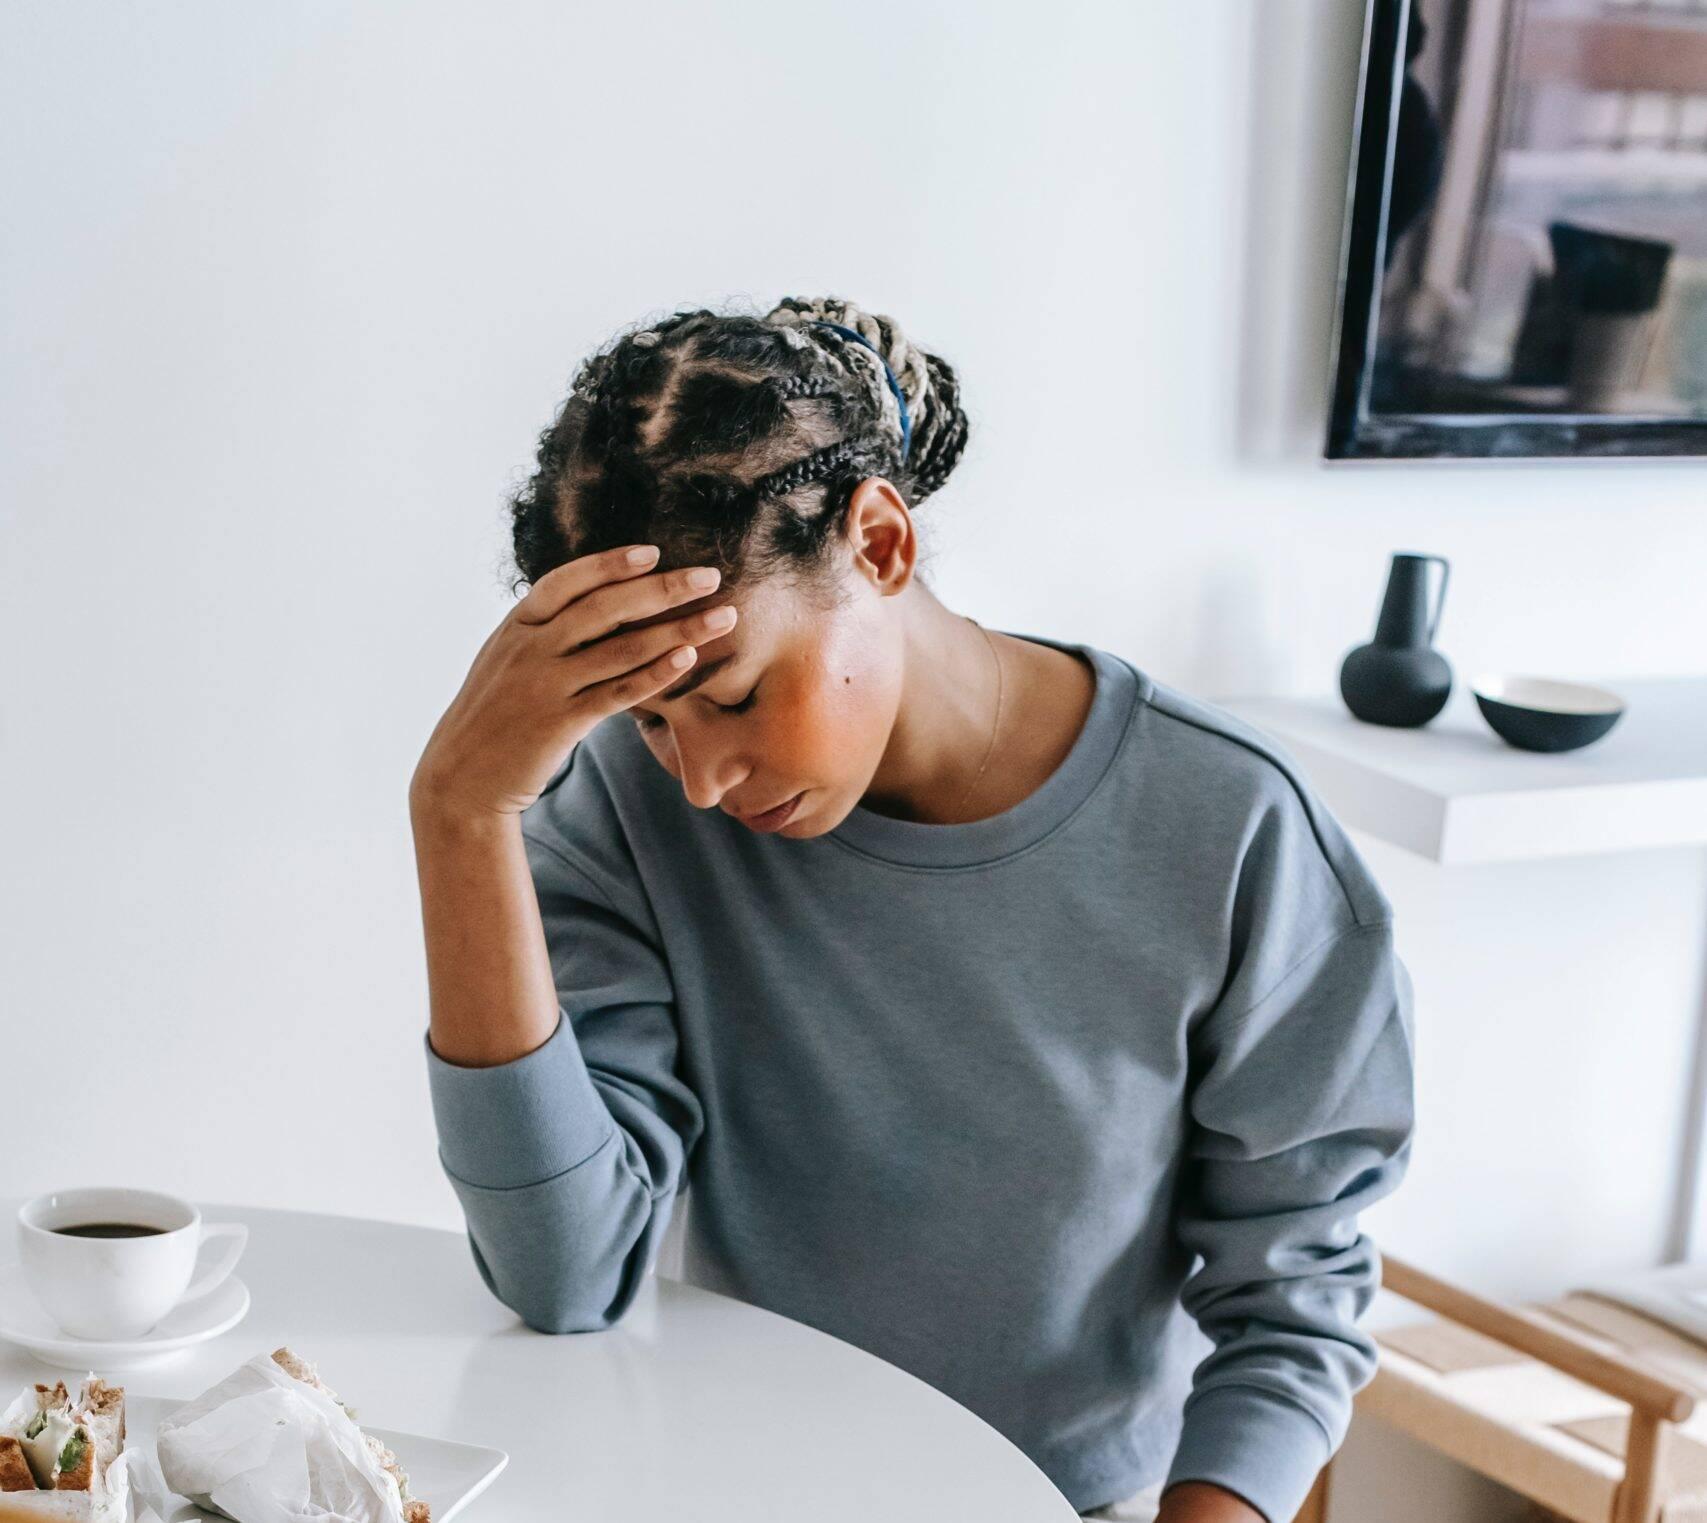 O número de pessoas diagnosticadas com depressão já veio crescendo gradualmente durante os últimos anos. Com a pandemia, a doença se agravou ainda mais. (Foto: Pexels)